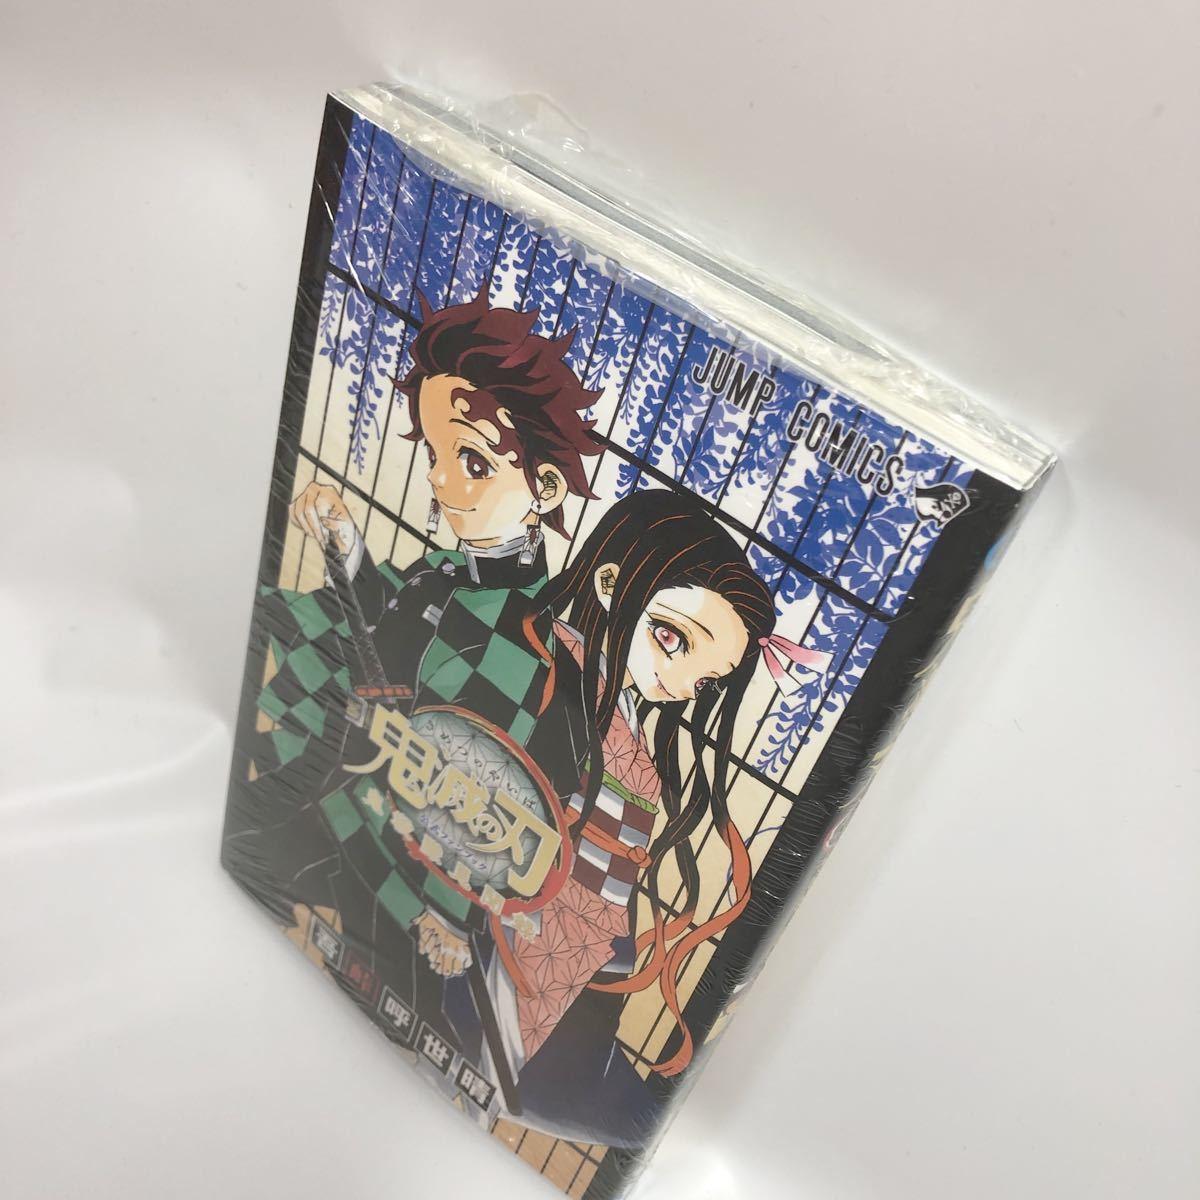 【ナツコミ特典付き】 鬼滅の刃公式ファンブック 鬼殺隊見聞録